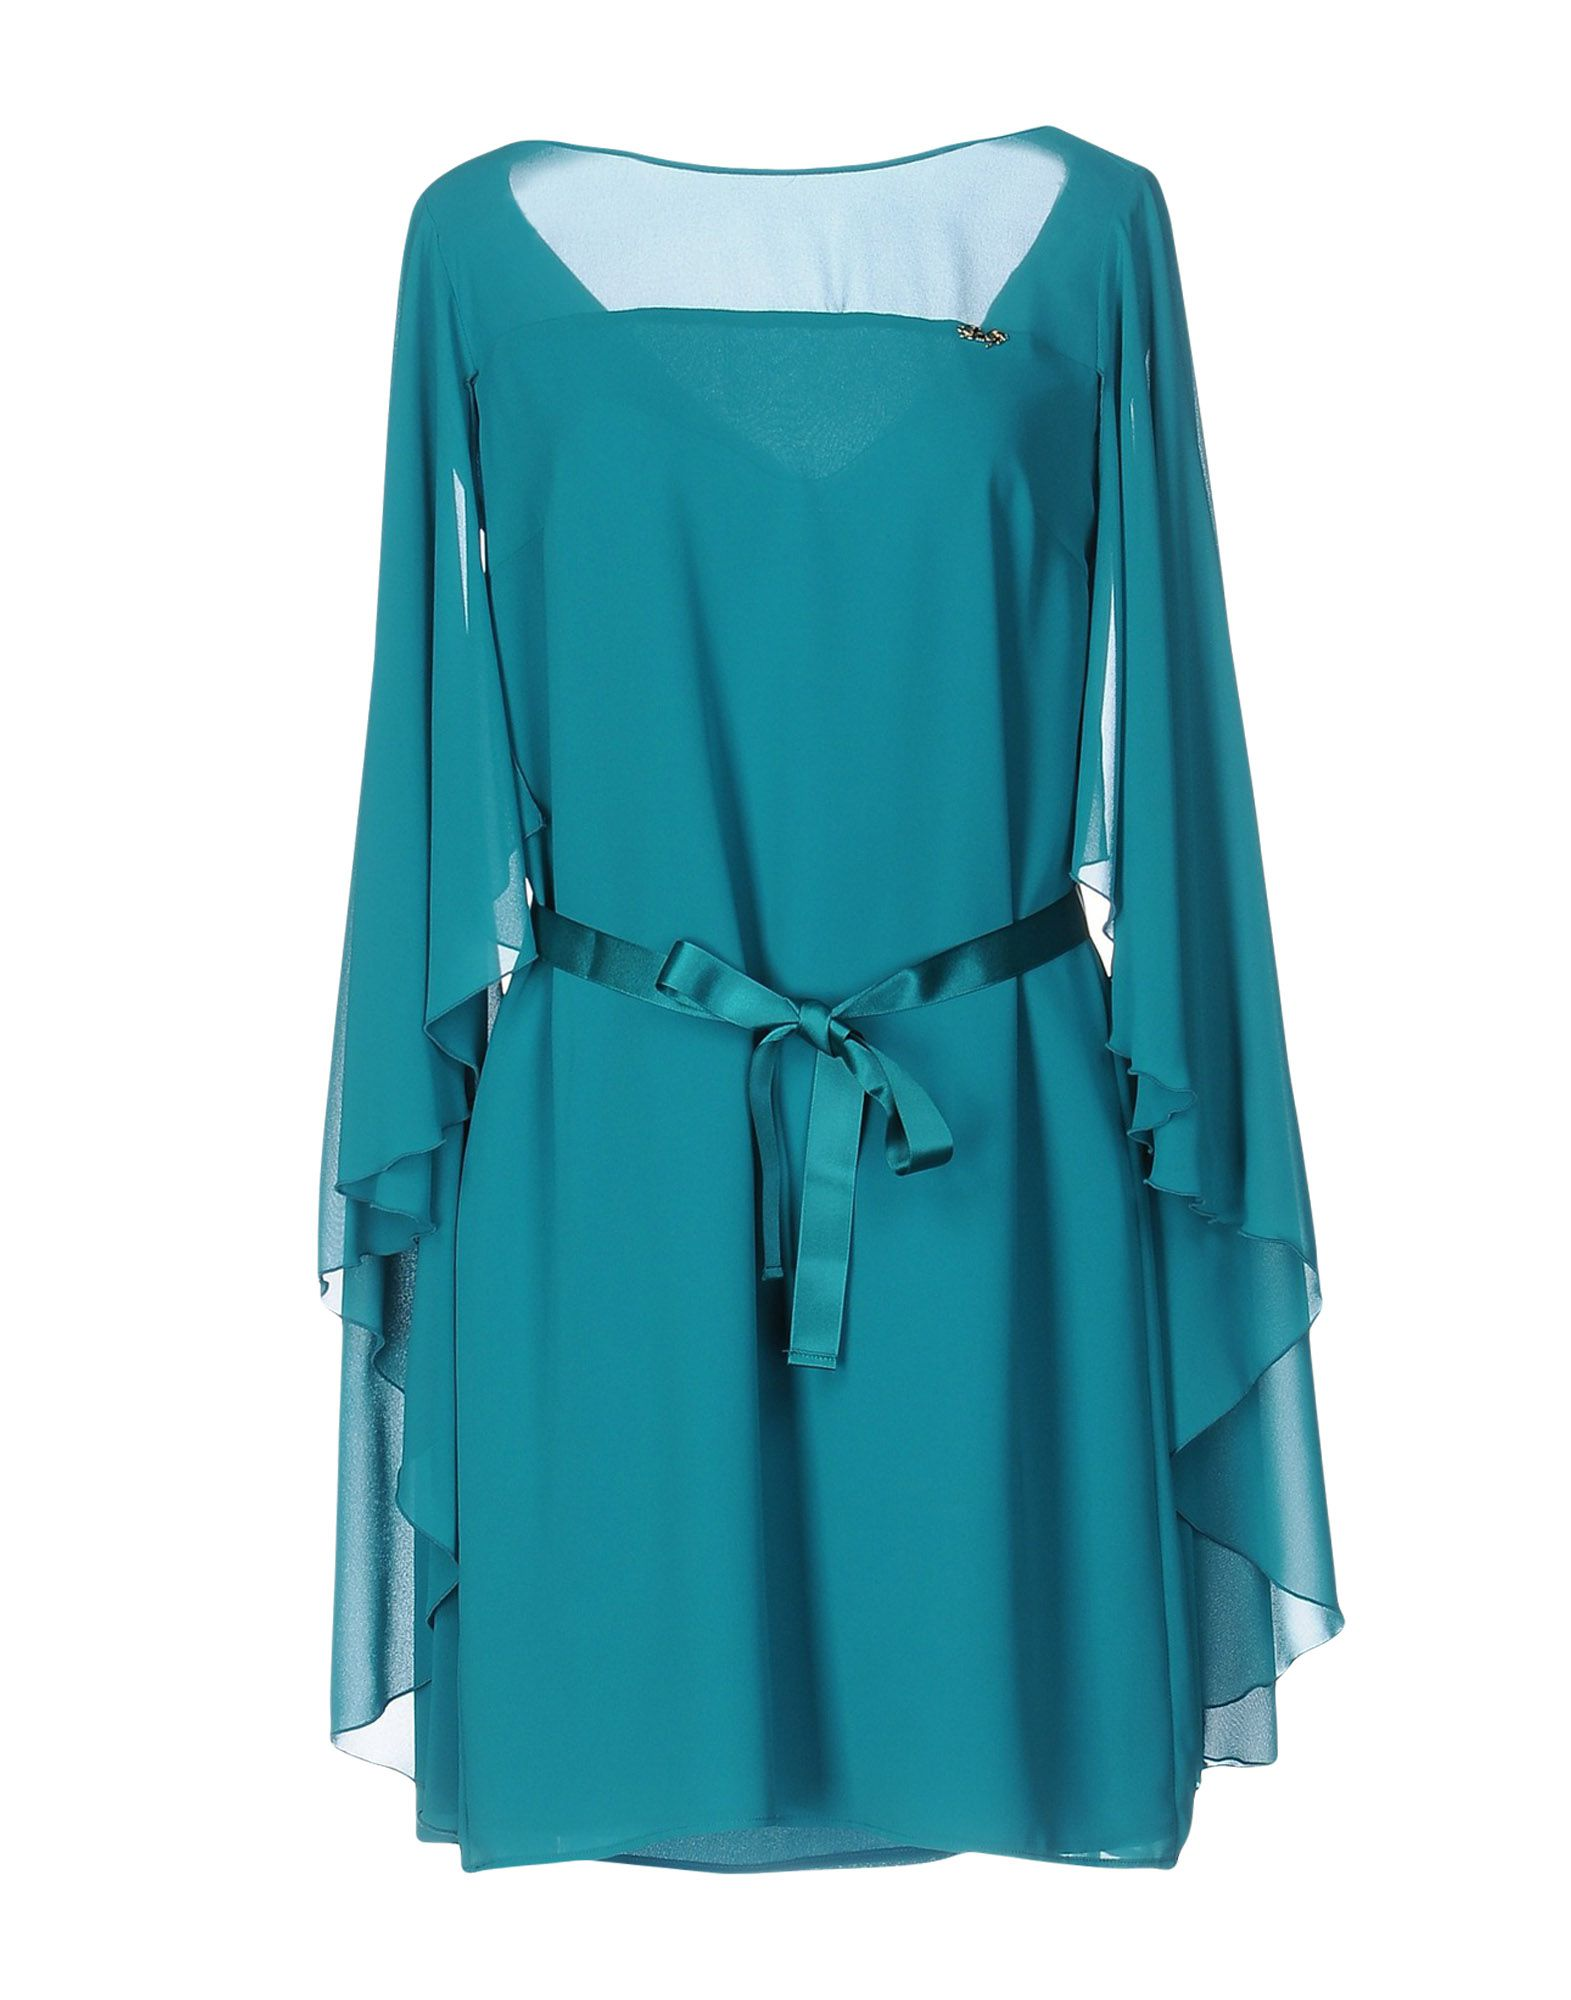 LES COCKTAILS DE LIU •JO Damen Kurzes Kleid Farbe Petroleum Größe 4